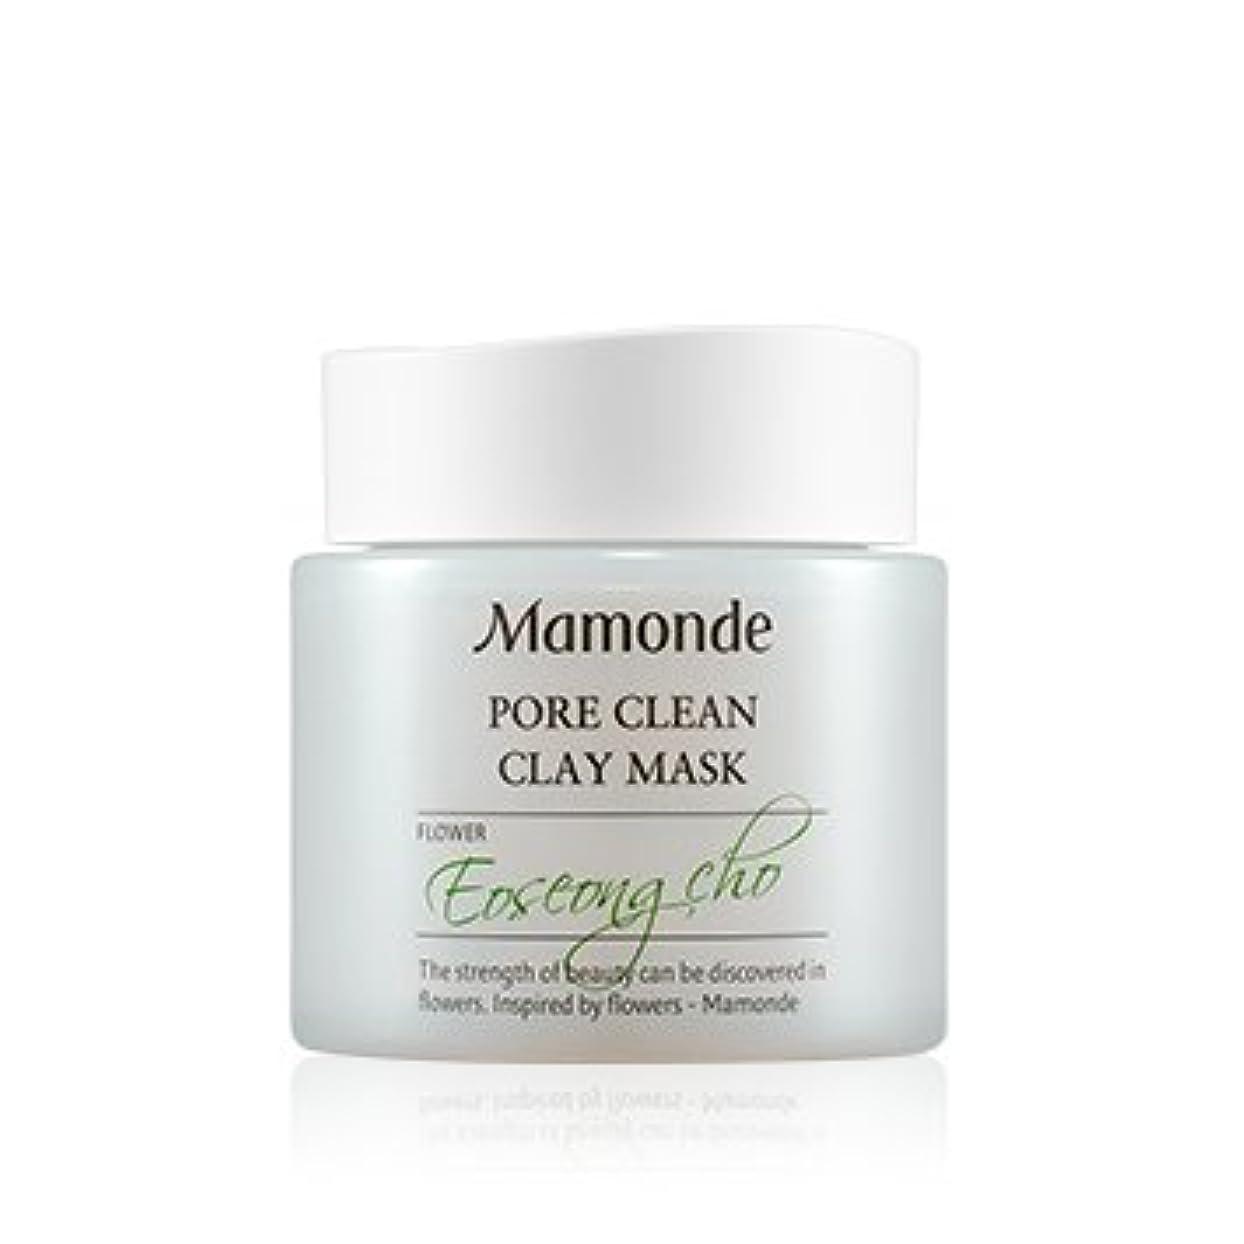 く怖がって死ぬターゲット[New] Mamonde Pore Clean Clay Mask 100ml/マモンド ポア クリーン クレイ マスク 100ml [並行輸入品]